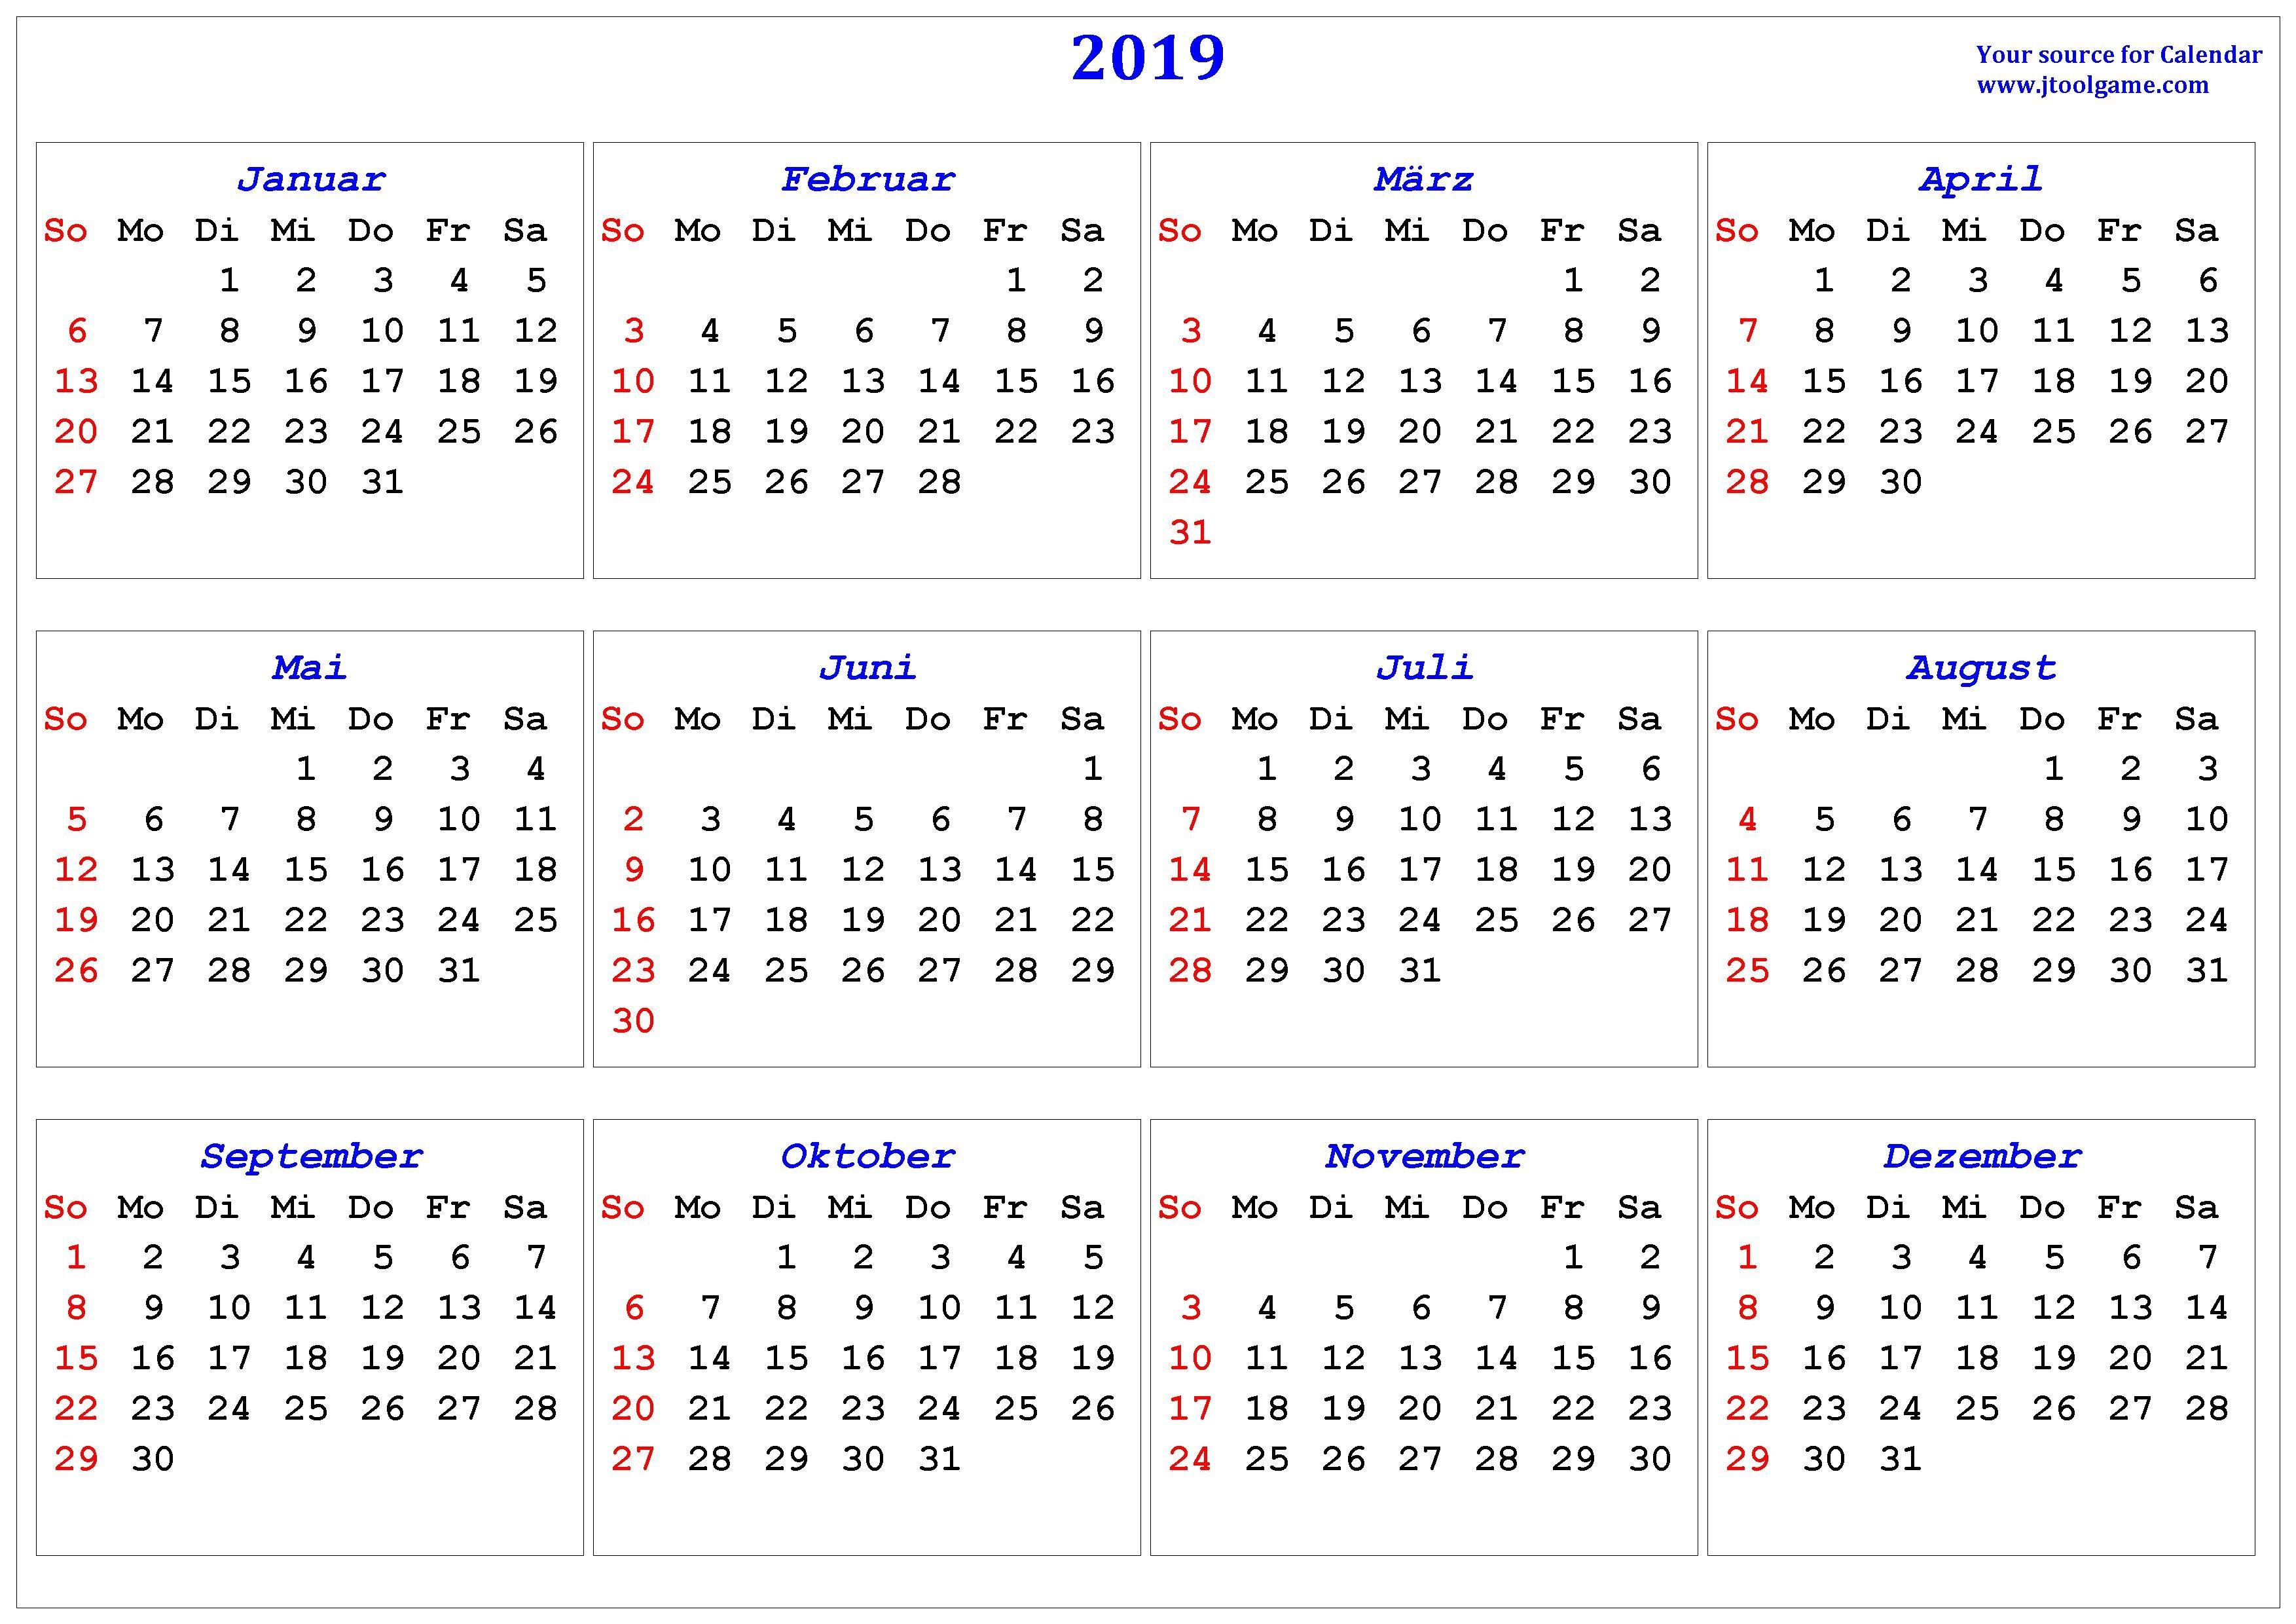 2019 Calendar - Printable Calendar. 2019 Calendar In Multiple Colors Calendar 2019 Germany Week Numbers